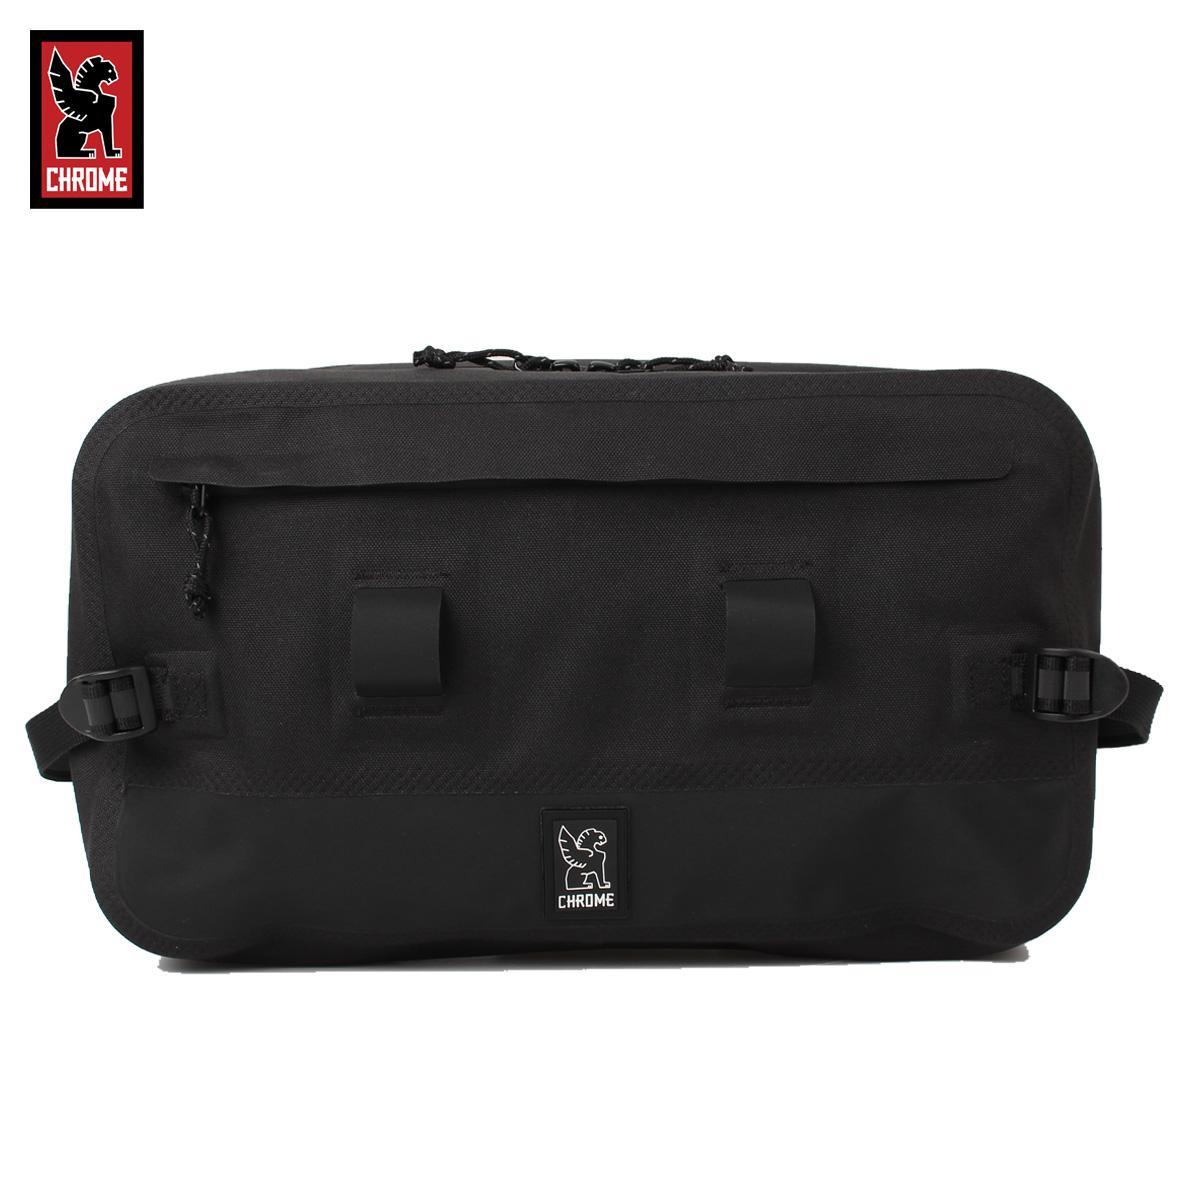 CHROME URBAN EX SLING クローム アーバン EX スリング バッグ ショルダーバッグ スリングバッグ メンズ レディース ブラック 黒 BG-258 [11/27 新入荷]